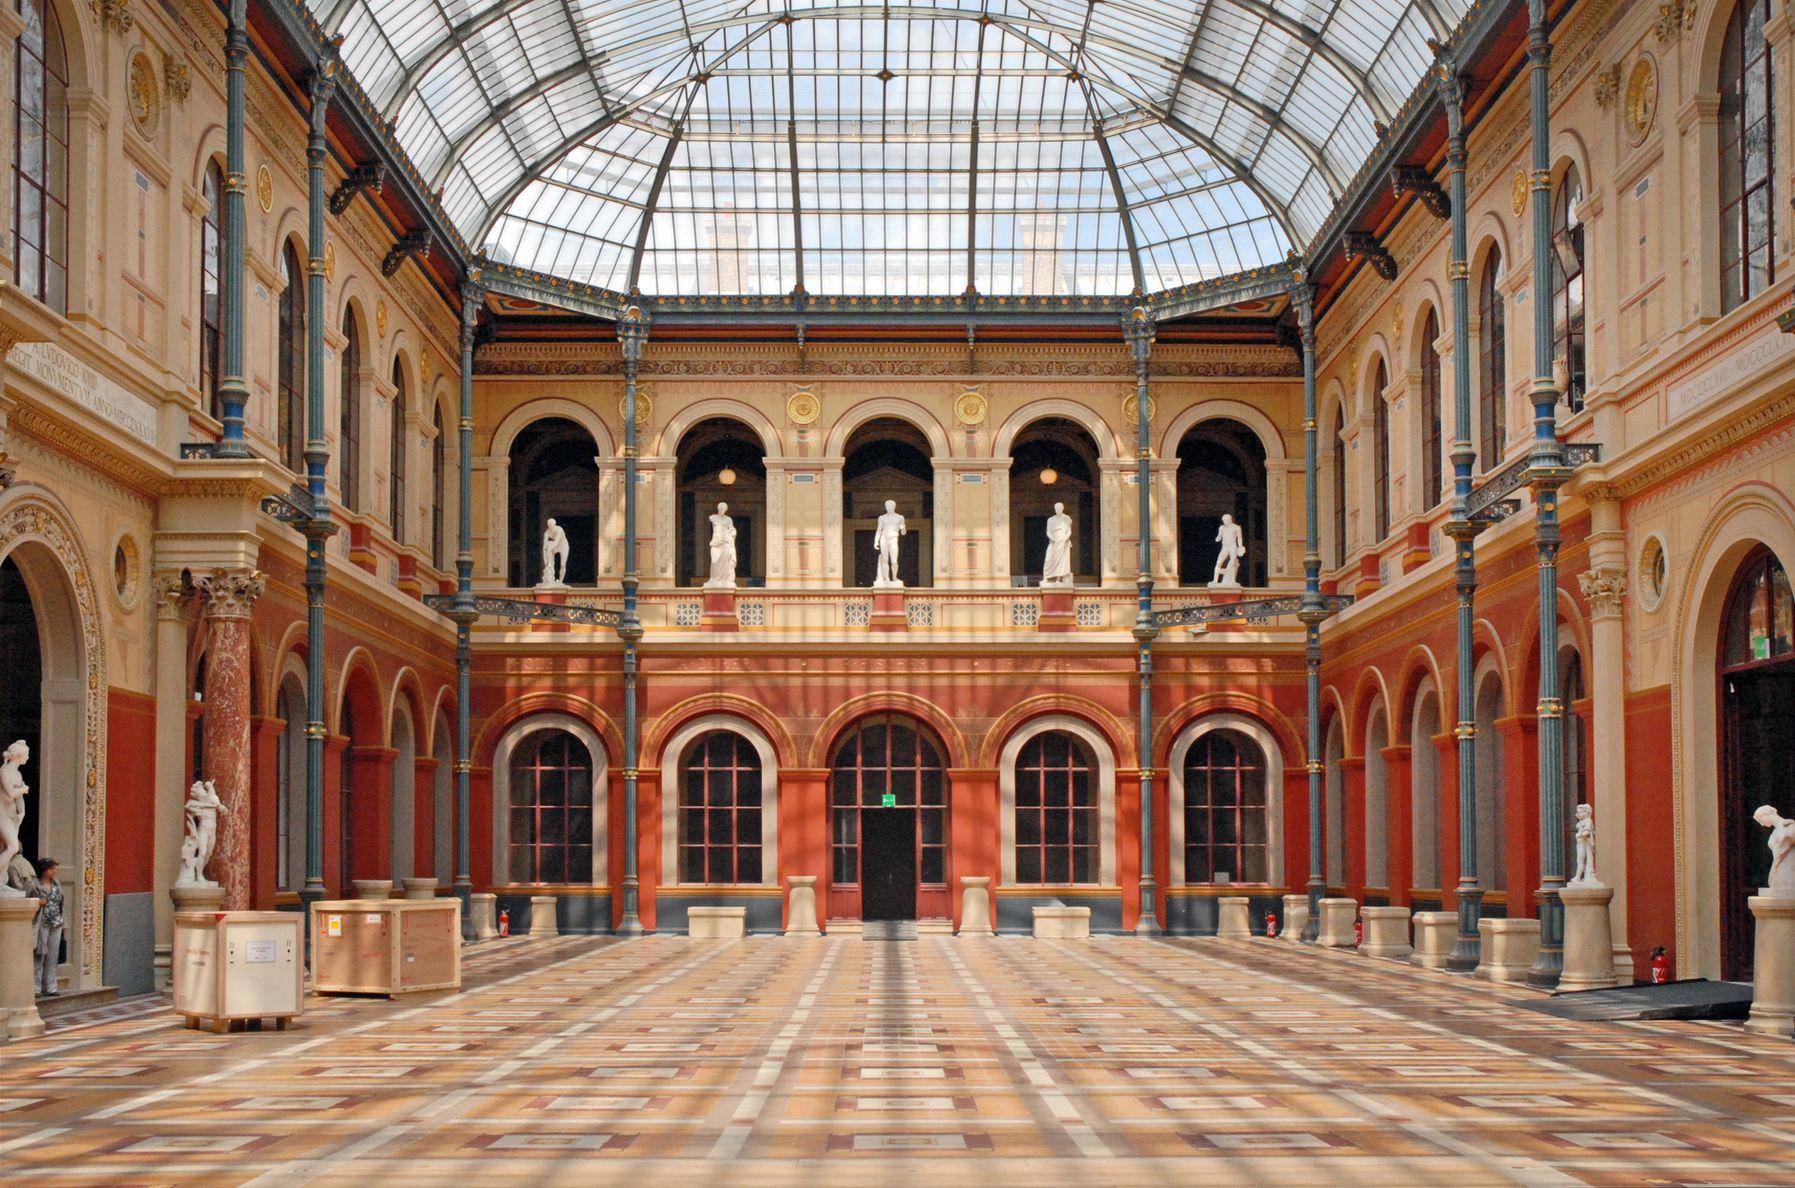 ecole des beaux arts - Google Search | Historicism | Pinterest